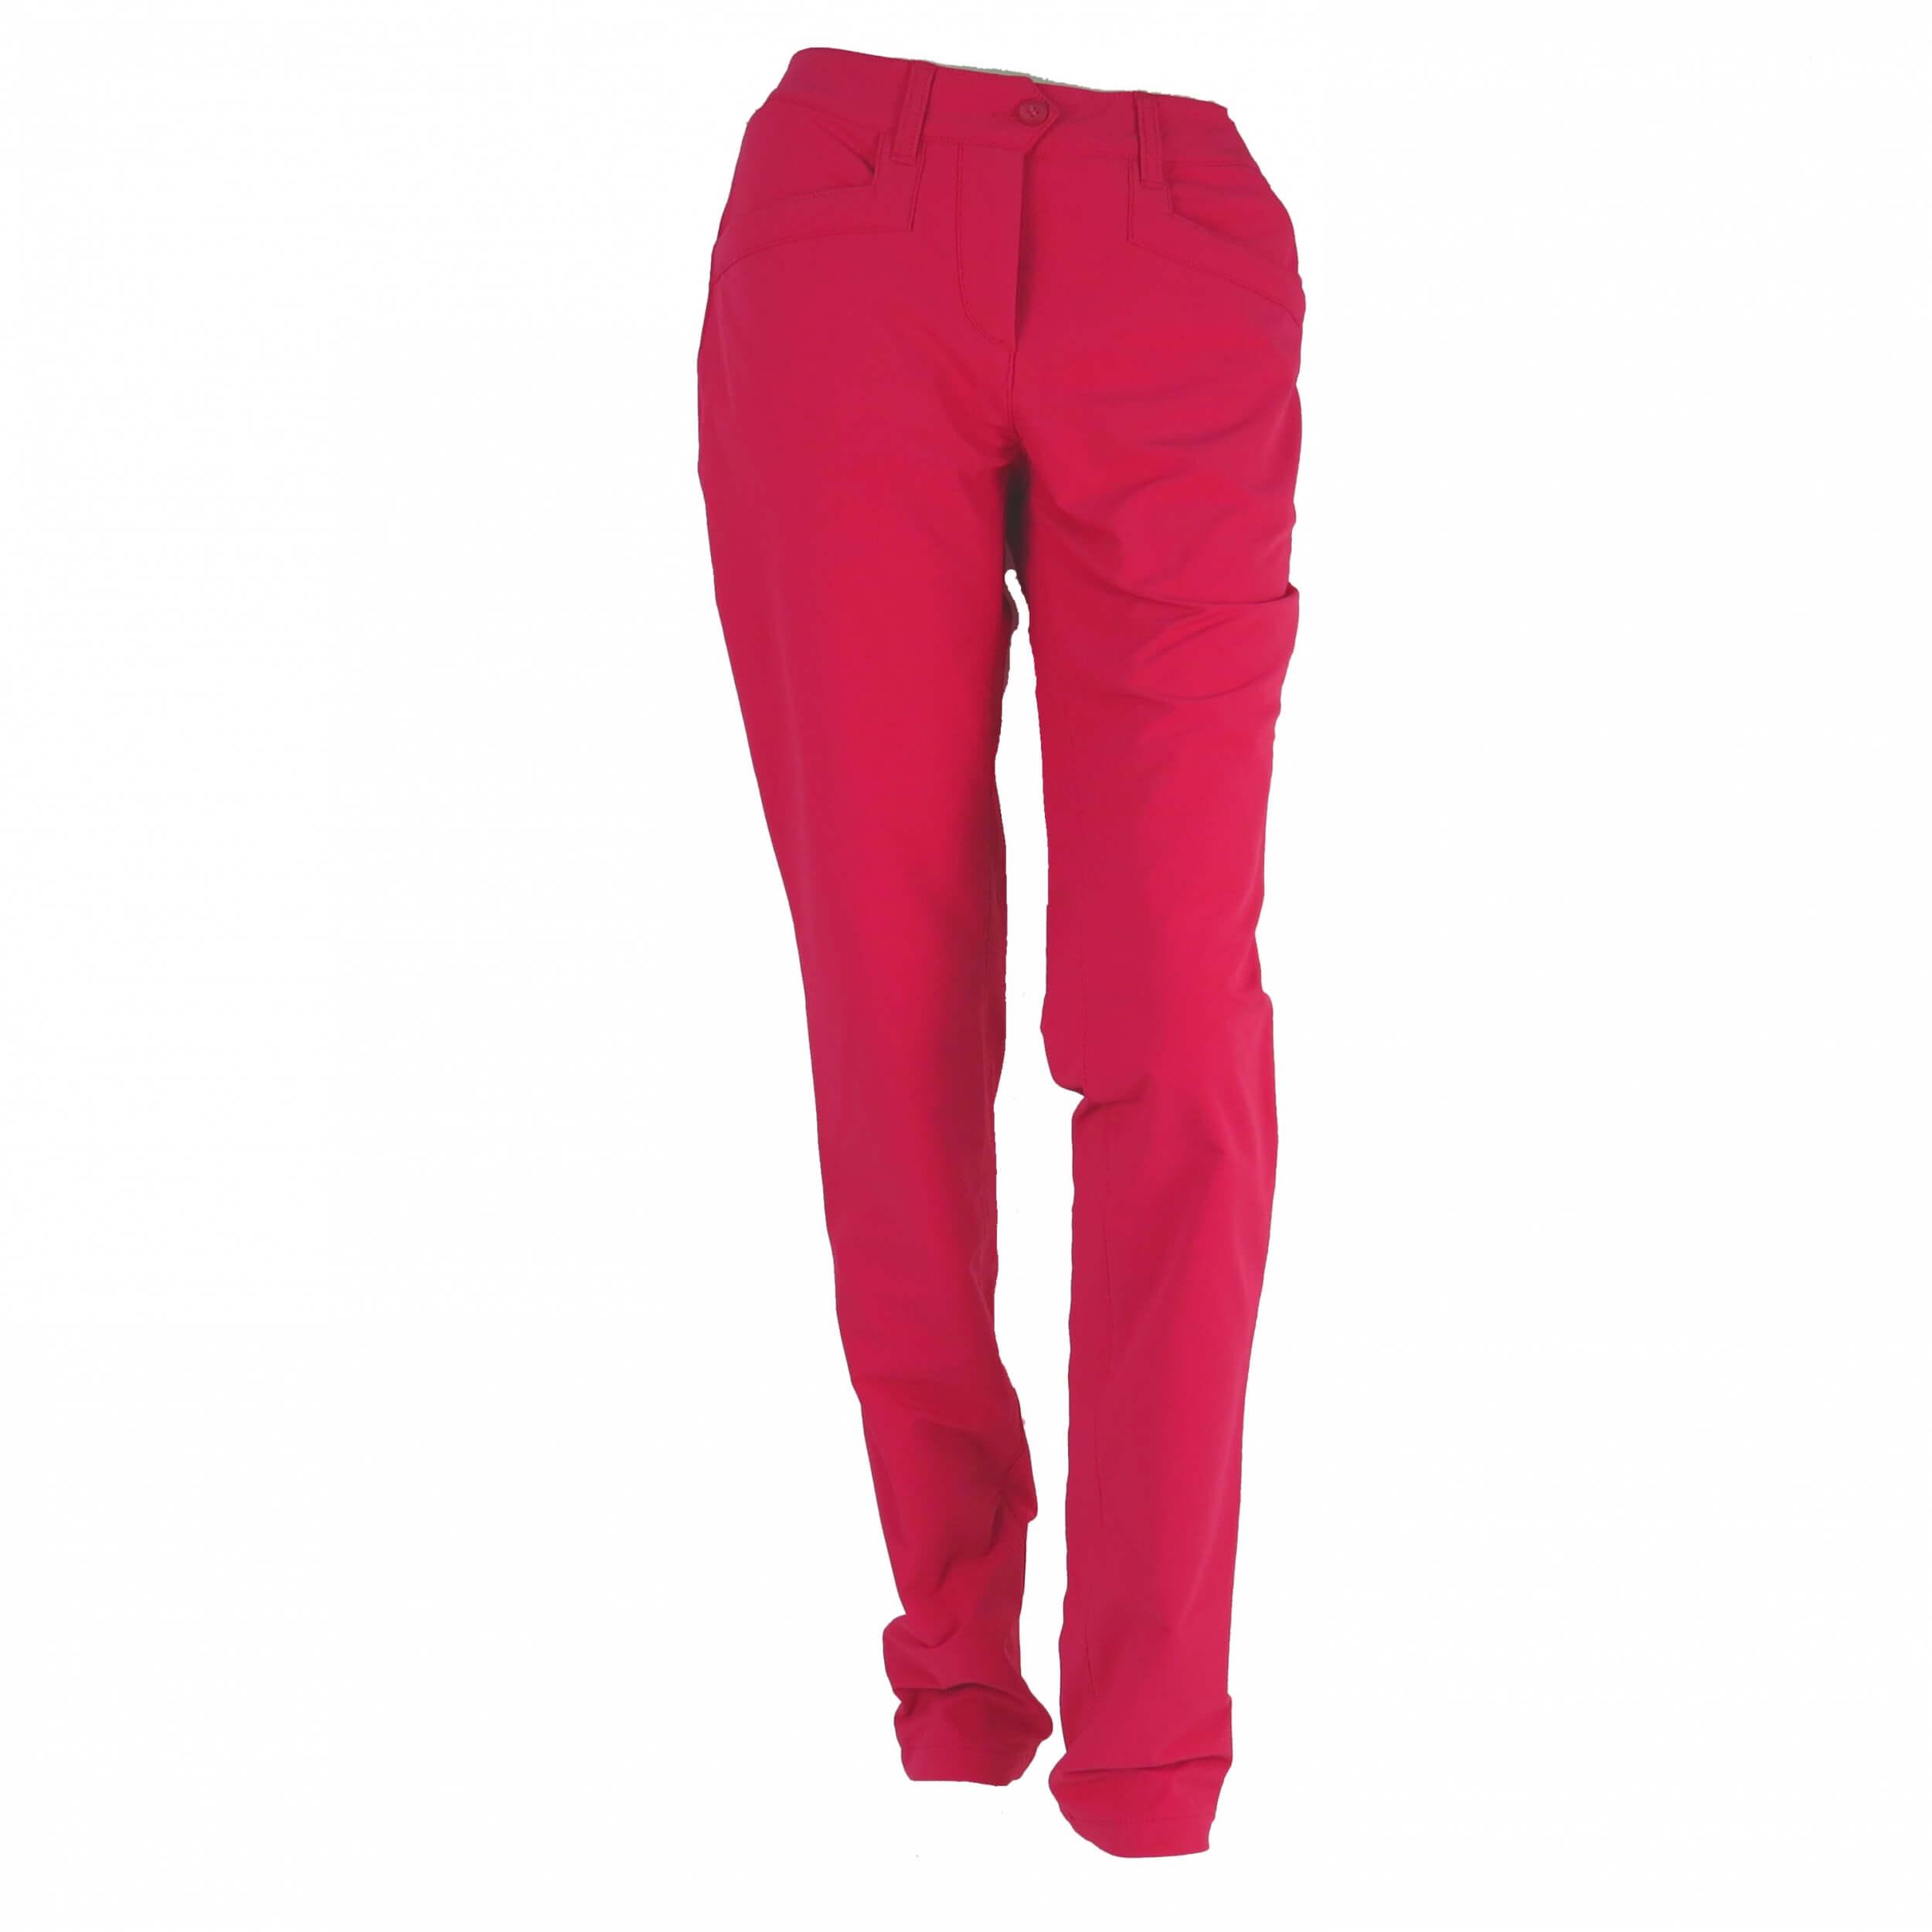 Chervo Hose Sisar 725 pink